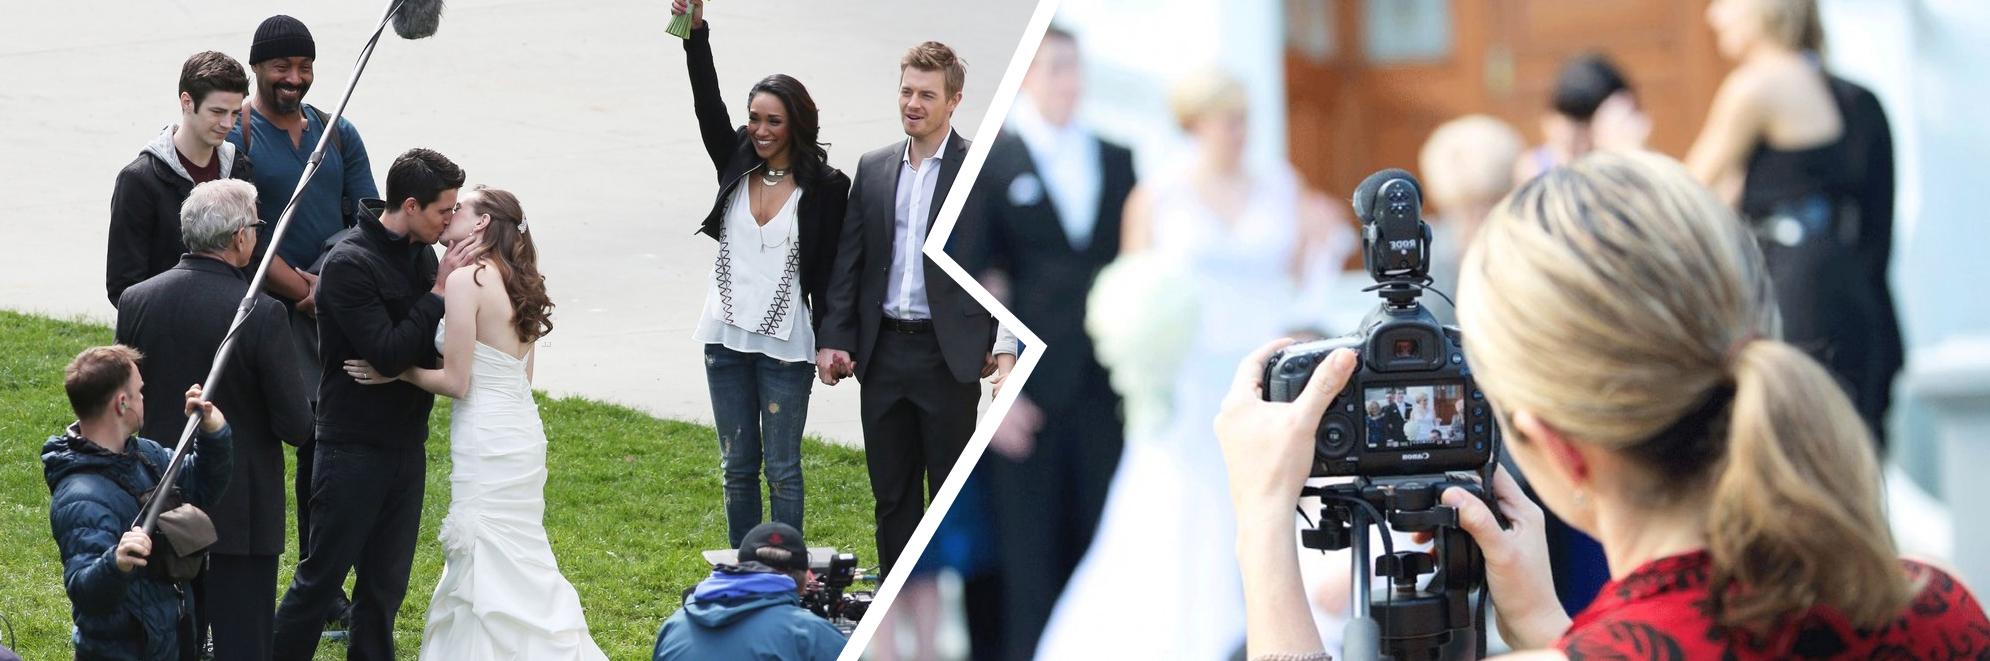 5 Useful Tips To Shoot A Great Wedding Video Toastor Weddings Adelaide